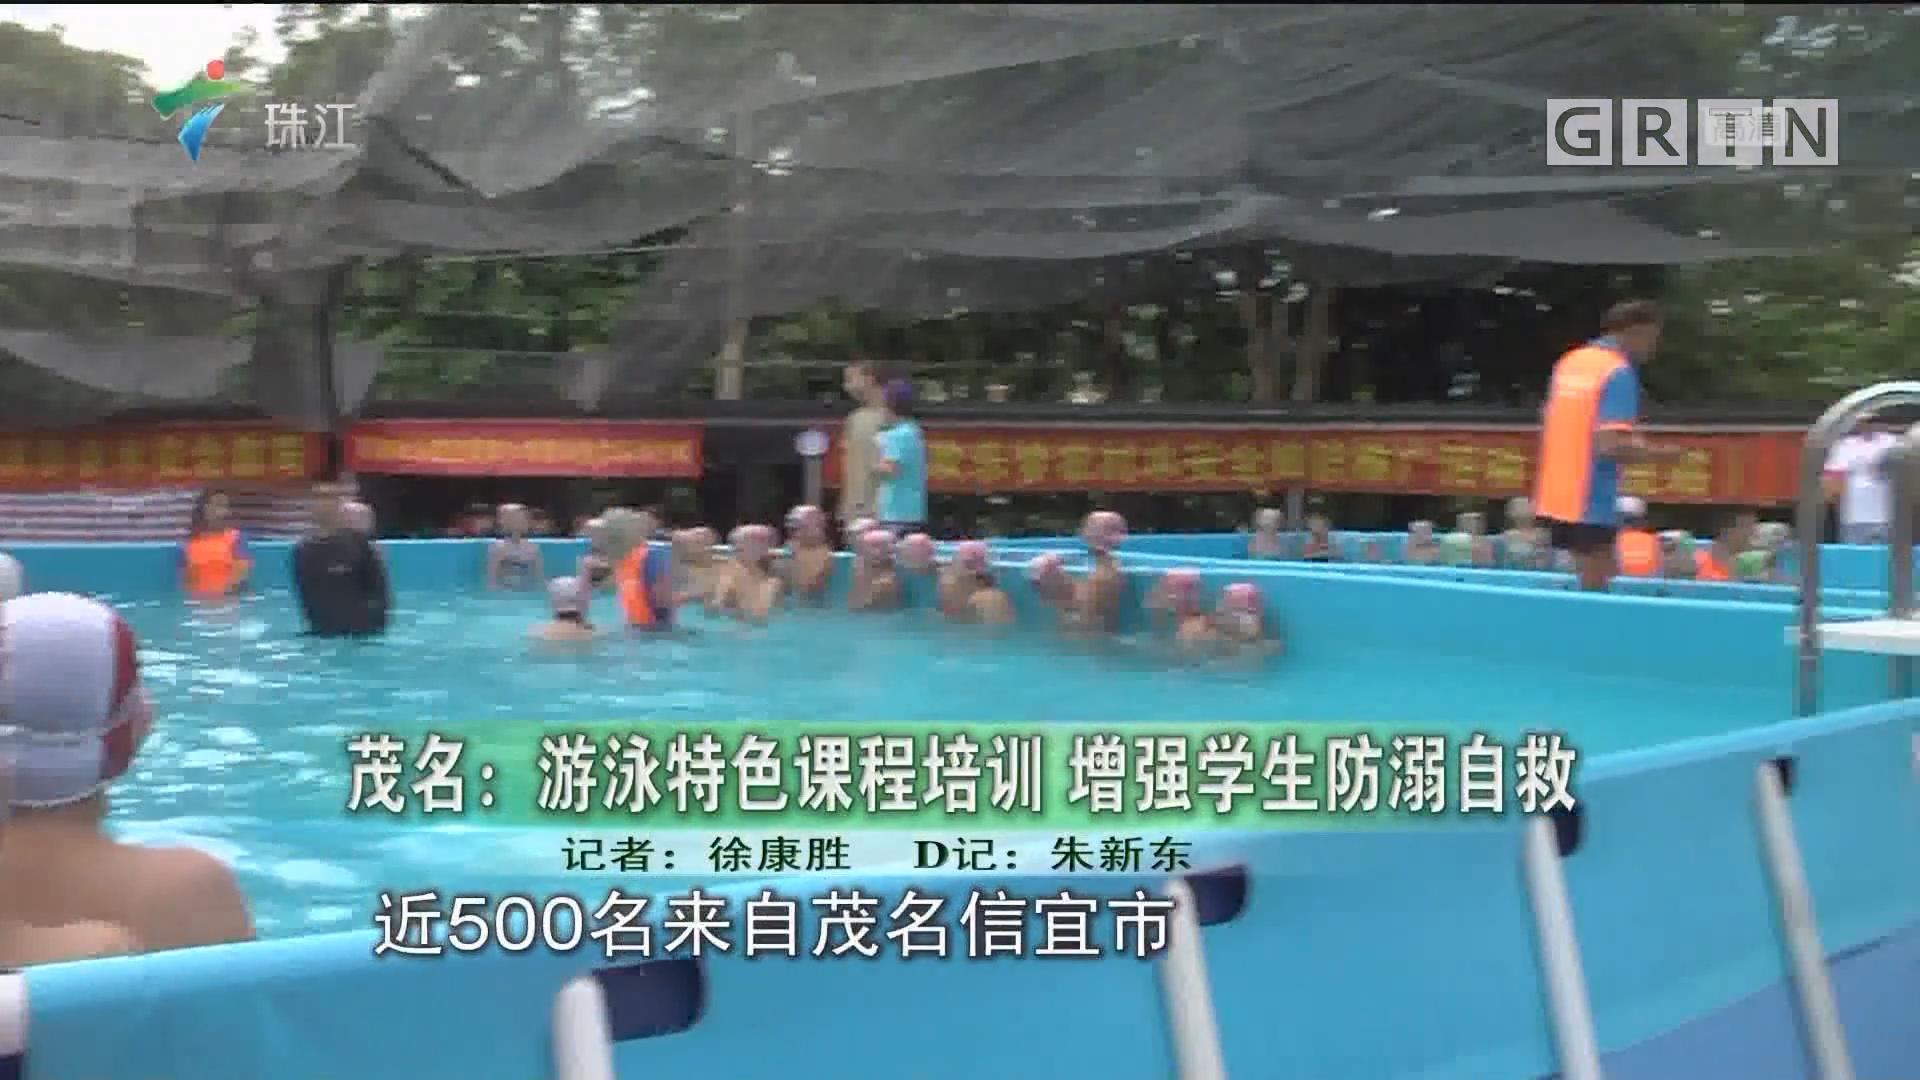 茂名:游泳特色课程培训 增强学生防溺自救